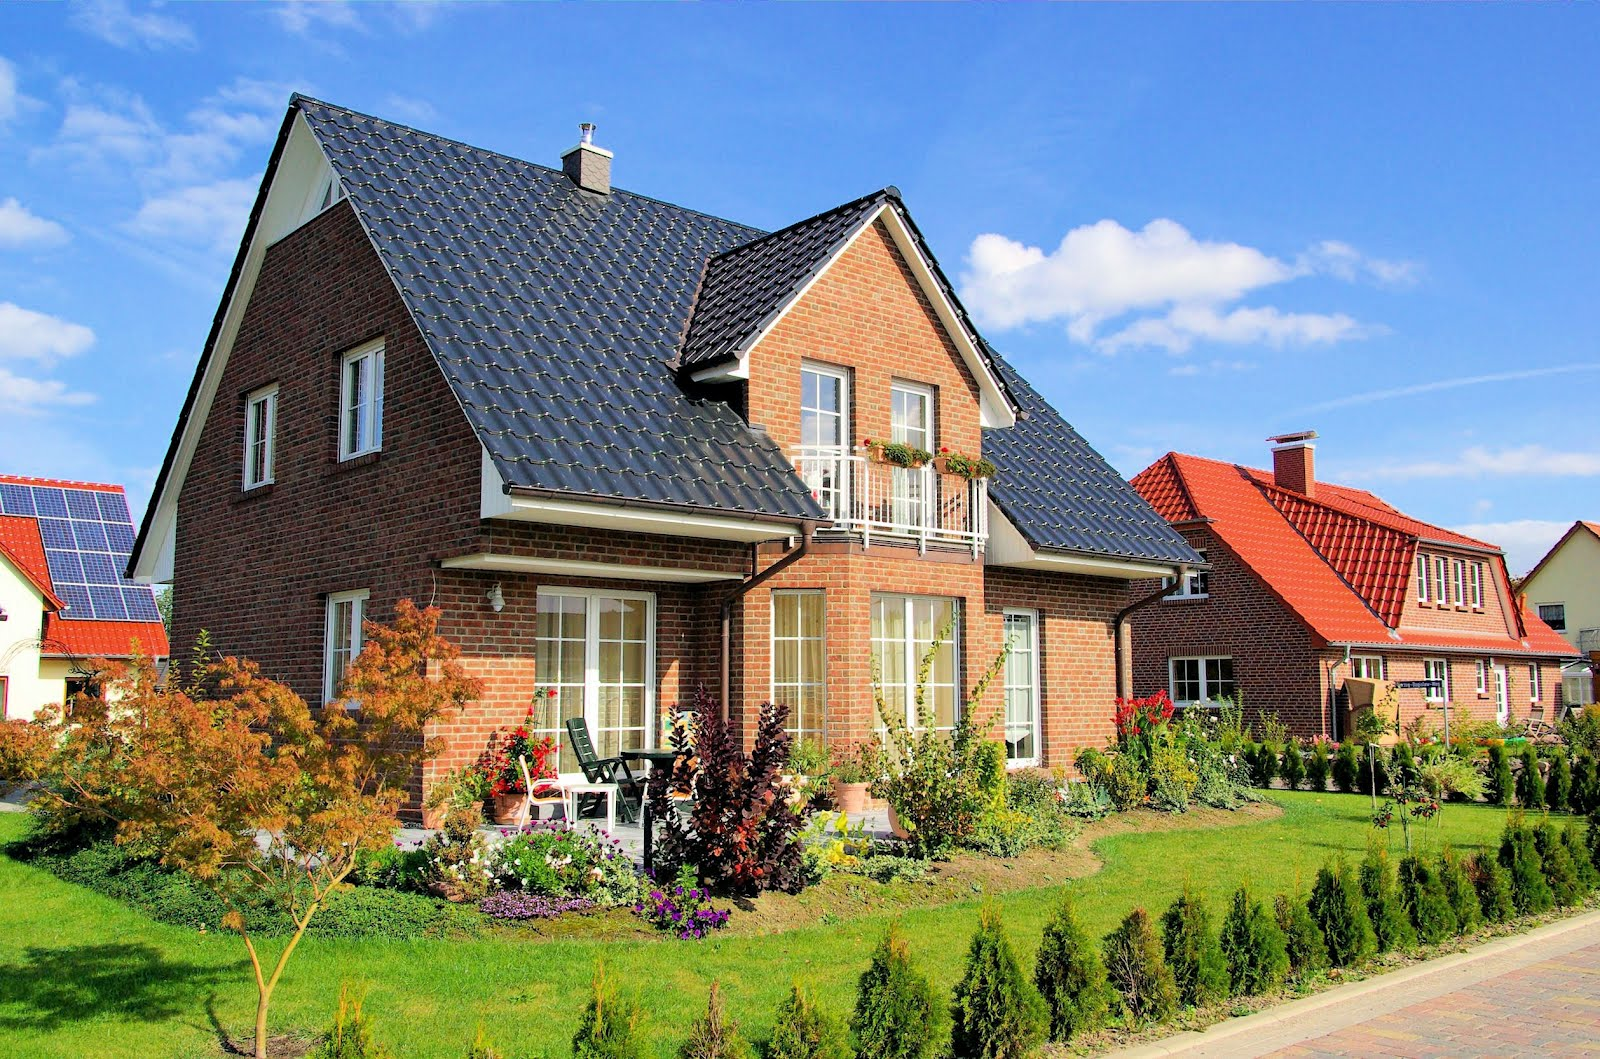 Casas bonitas y jardines con flores en el cielo azul start - Jardines de casas ...